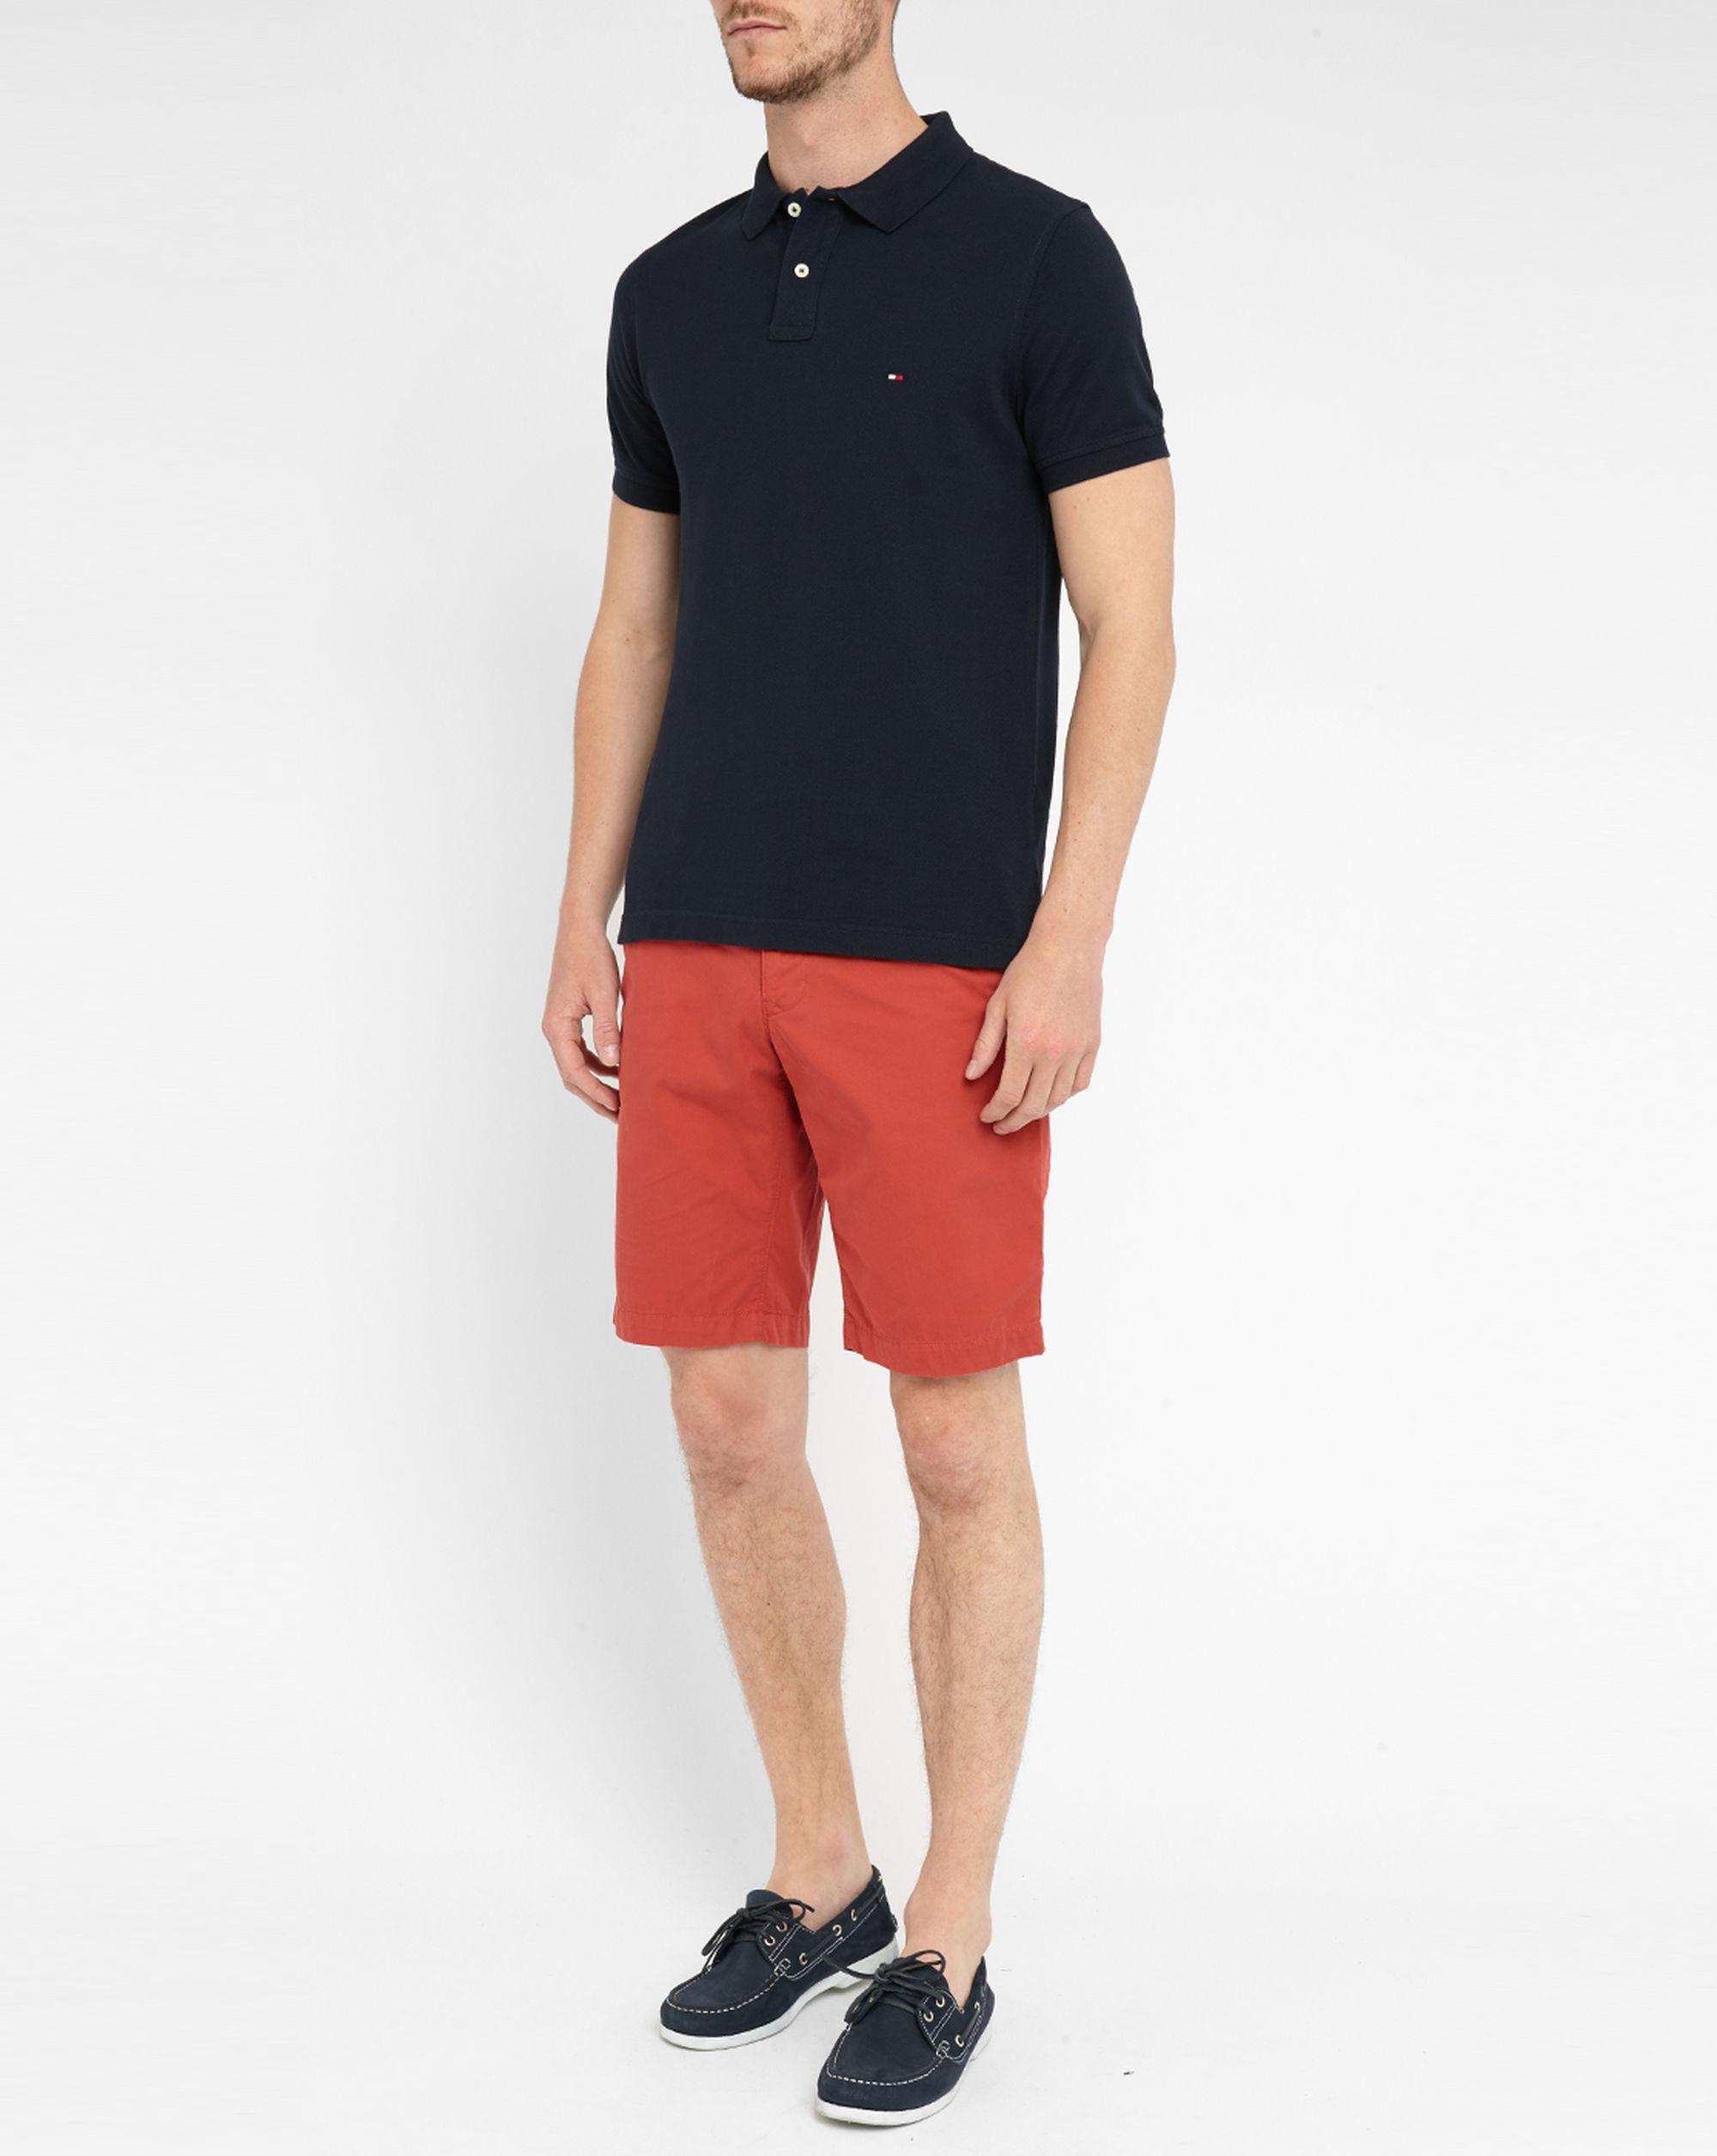 tommy hilfiger midnight blue pr slim fit polo shirt in blue for men. Black Bedroom Furniture Sets. Home Design Ideas